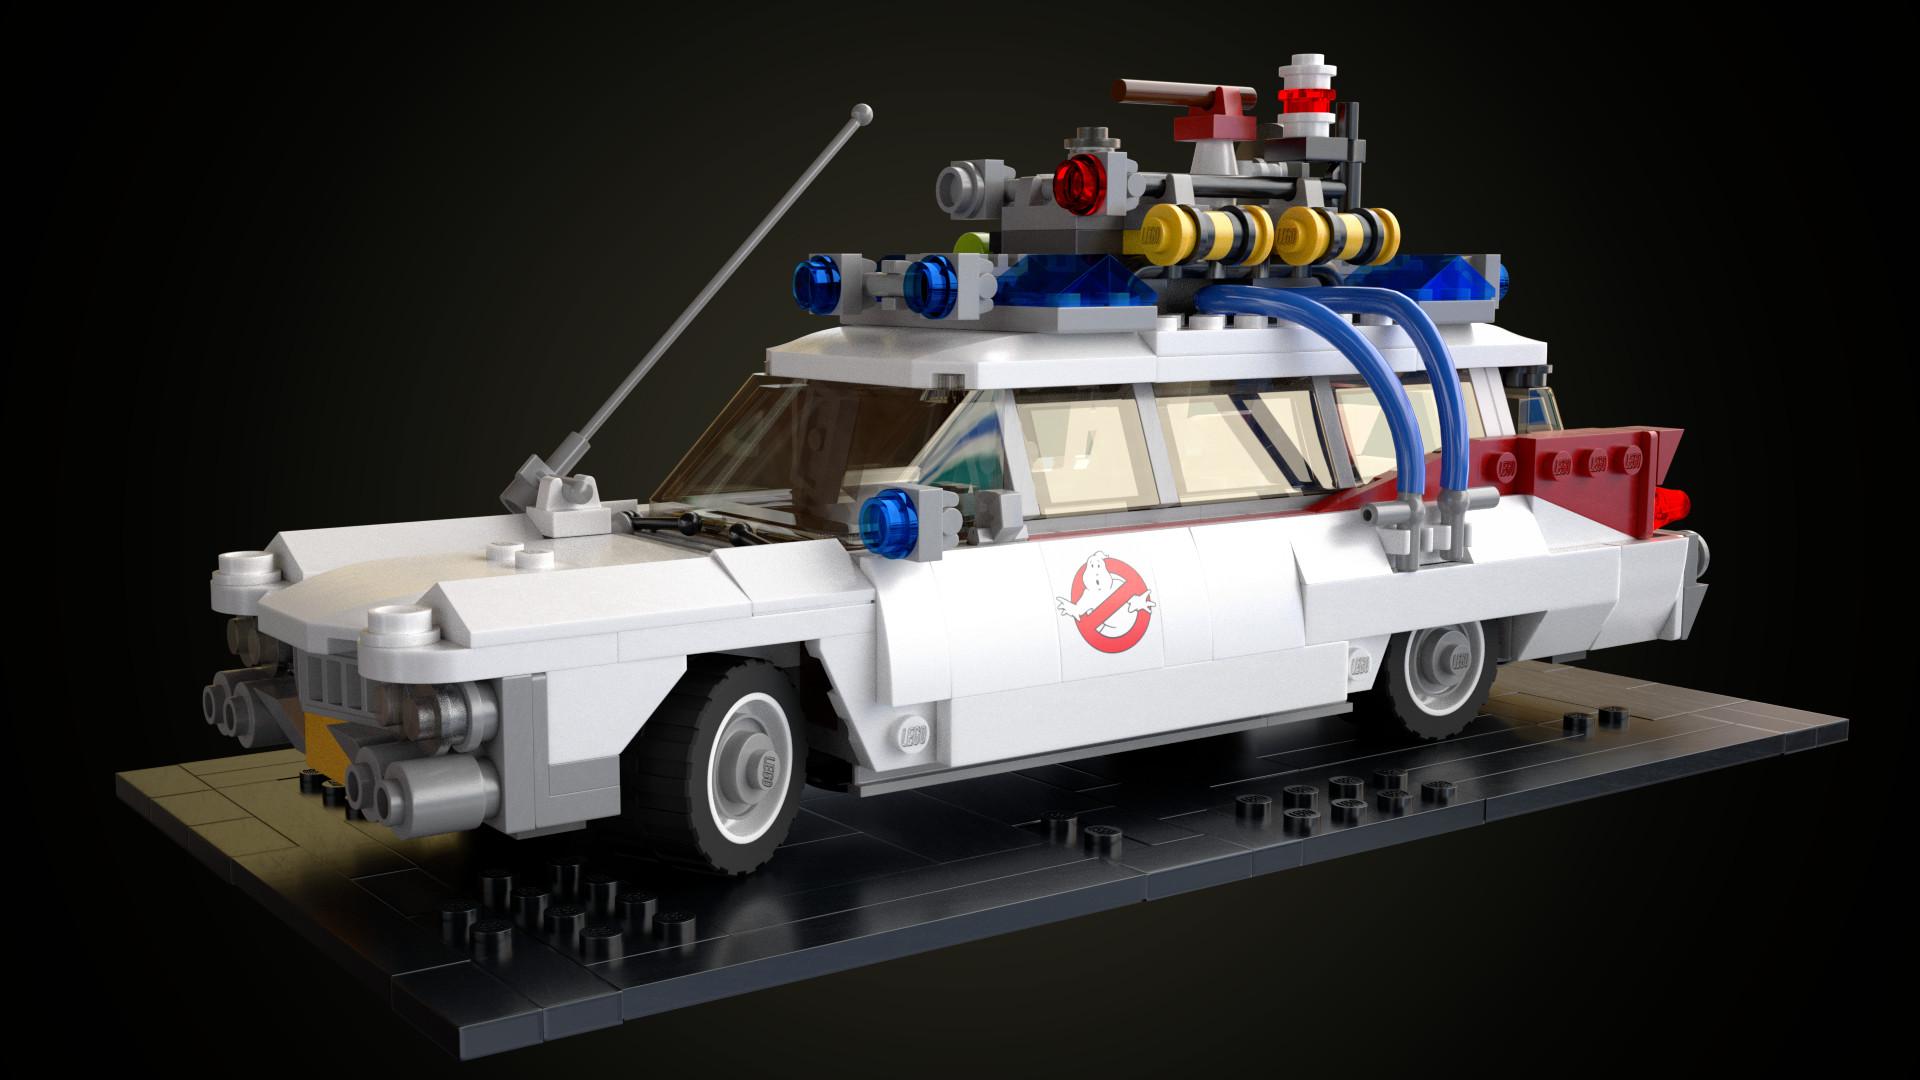 lego ghostbusters ecto 1 car blendernation. Black Bedroom Furniture Sets. Home Design Ideas